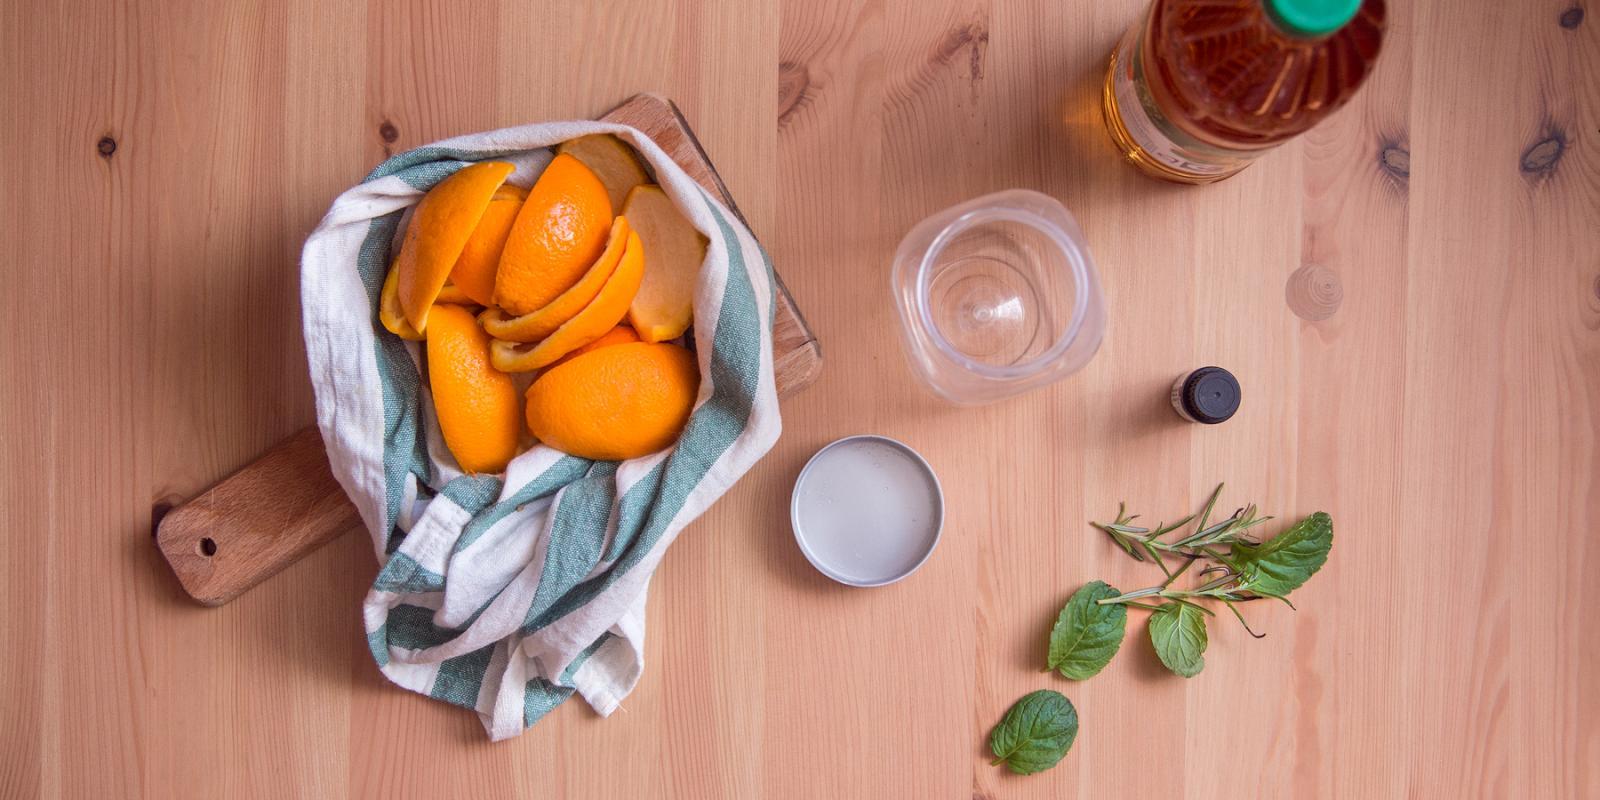 Jak vyrobit koncentrovaný čistič ze 2 ingrediencí